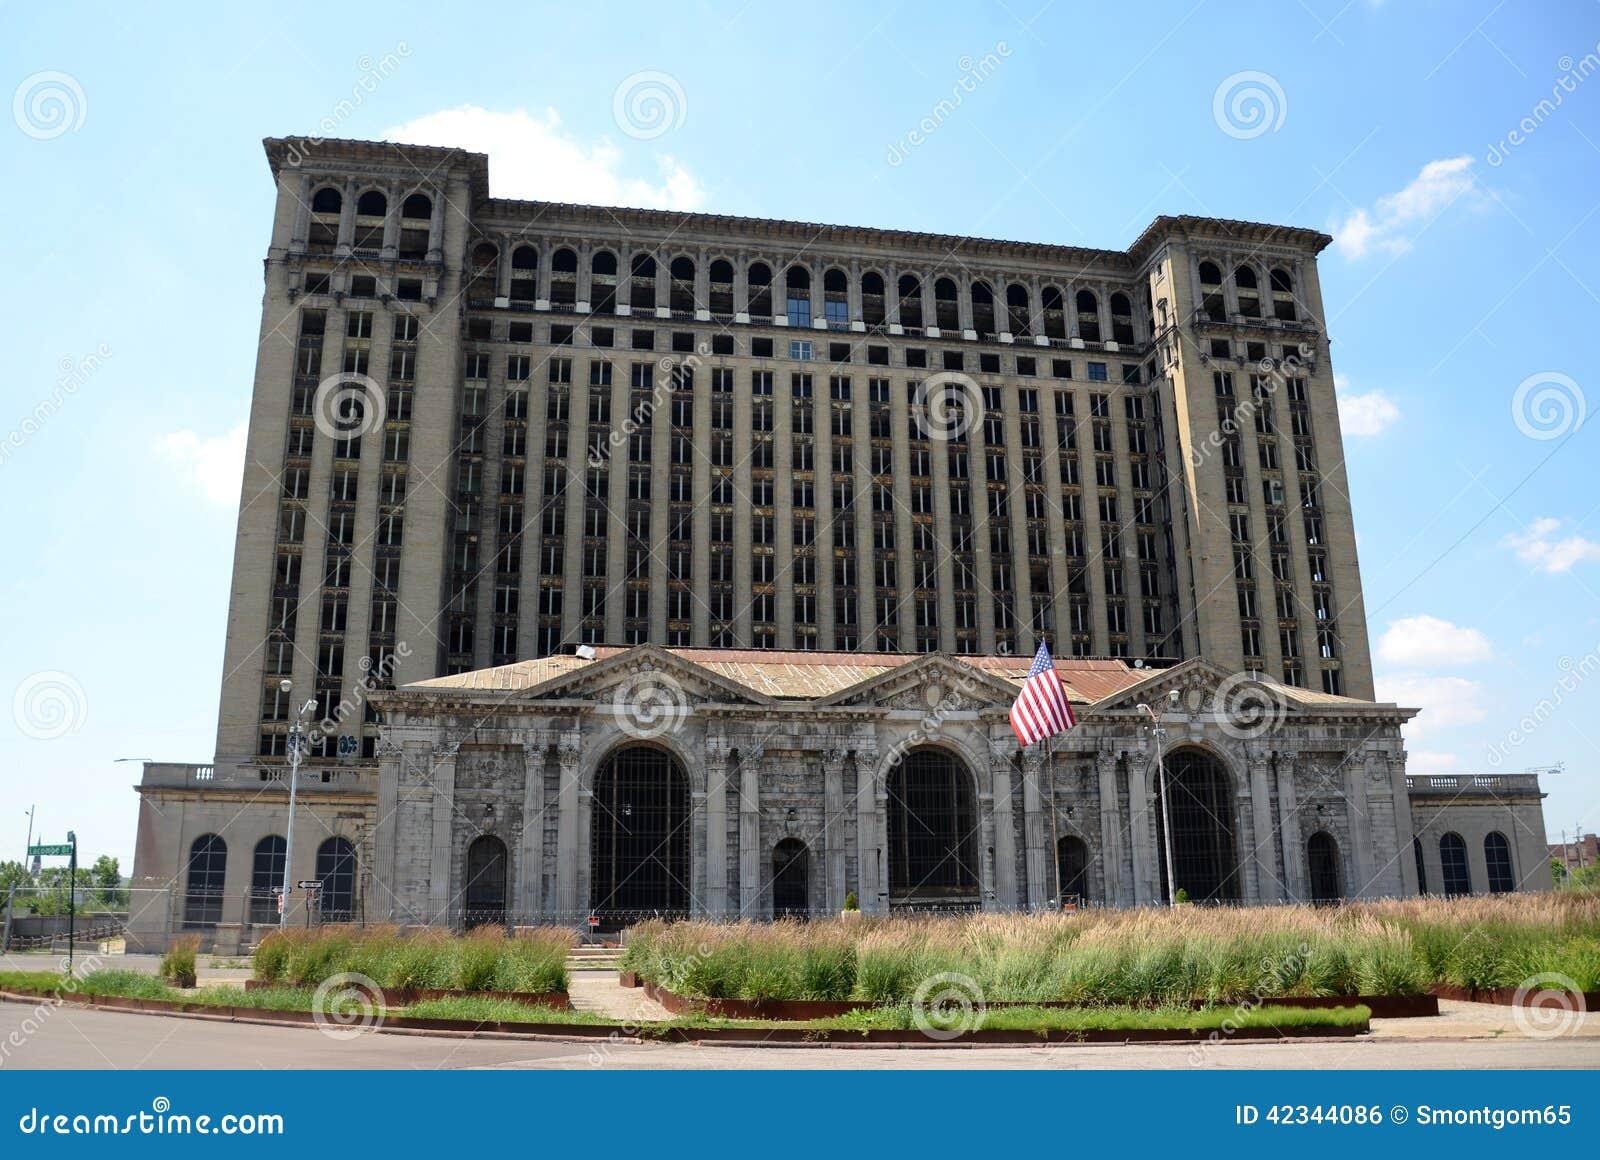 Deposito centrale del Michigan, Detroit